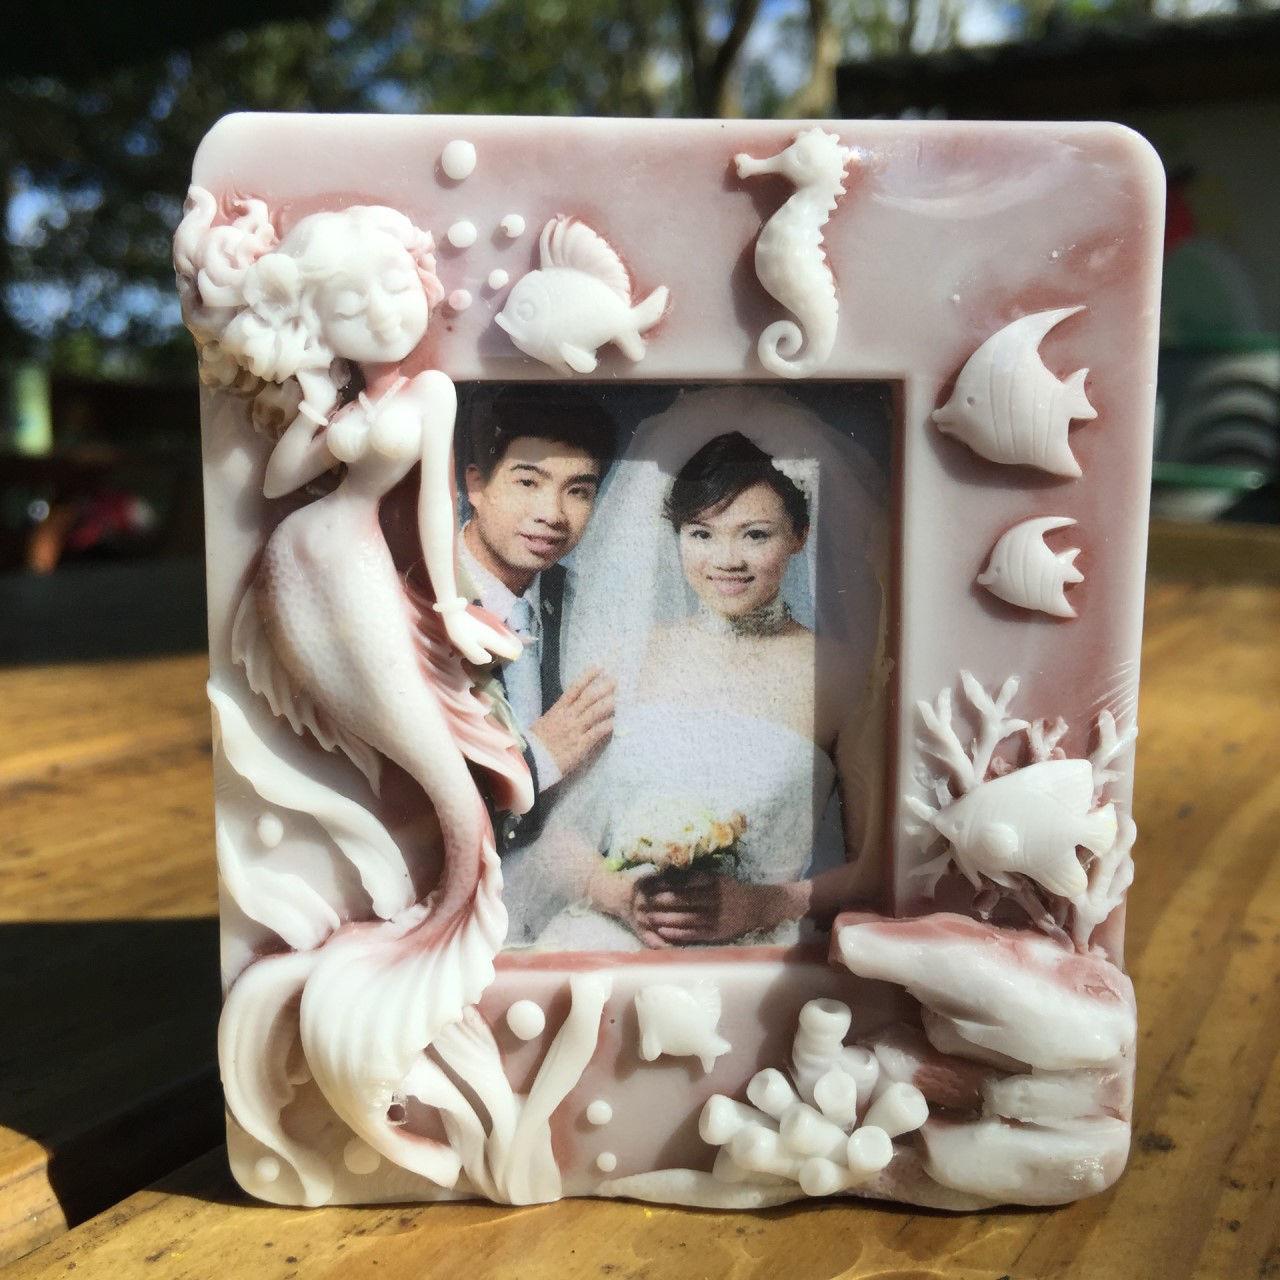 Mermaid Photo Frame - 2d handmade custom soap - $11.88